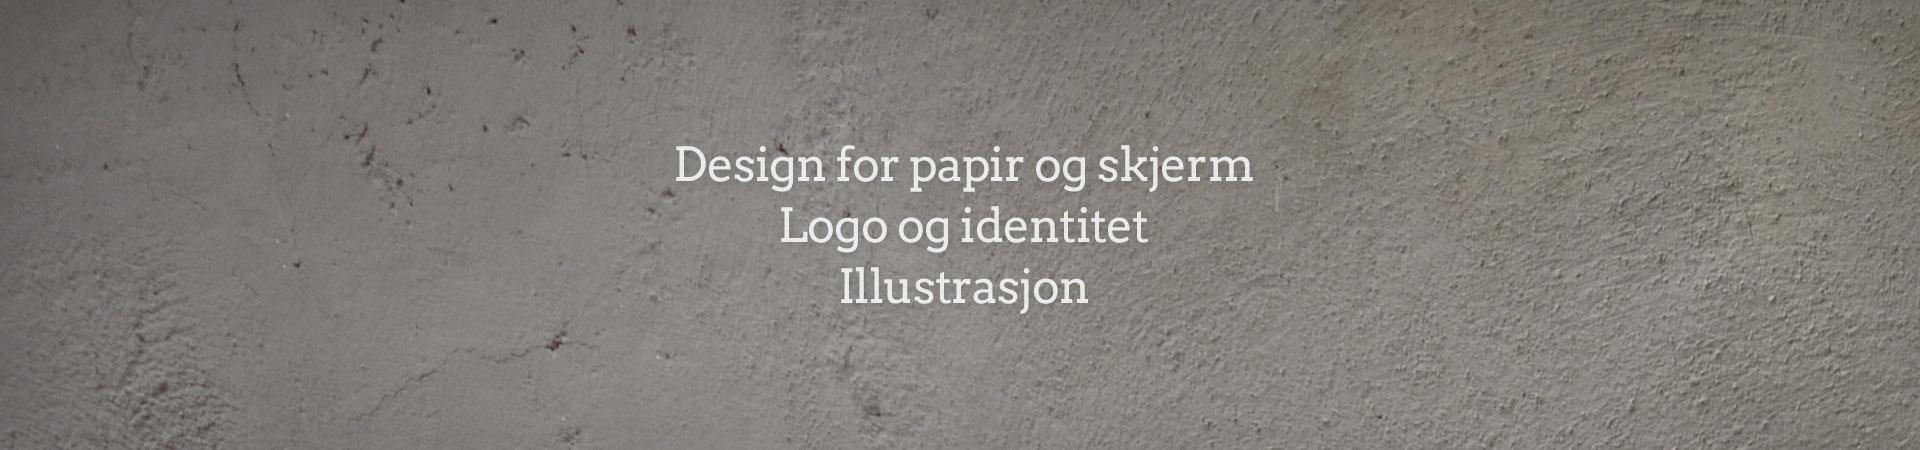 Borettidesign_Slider_tekst_designtjenester